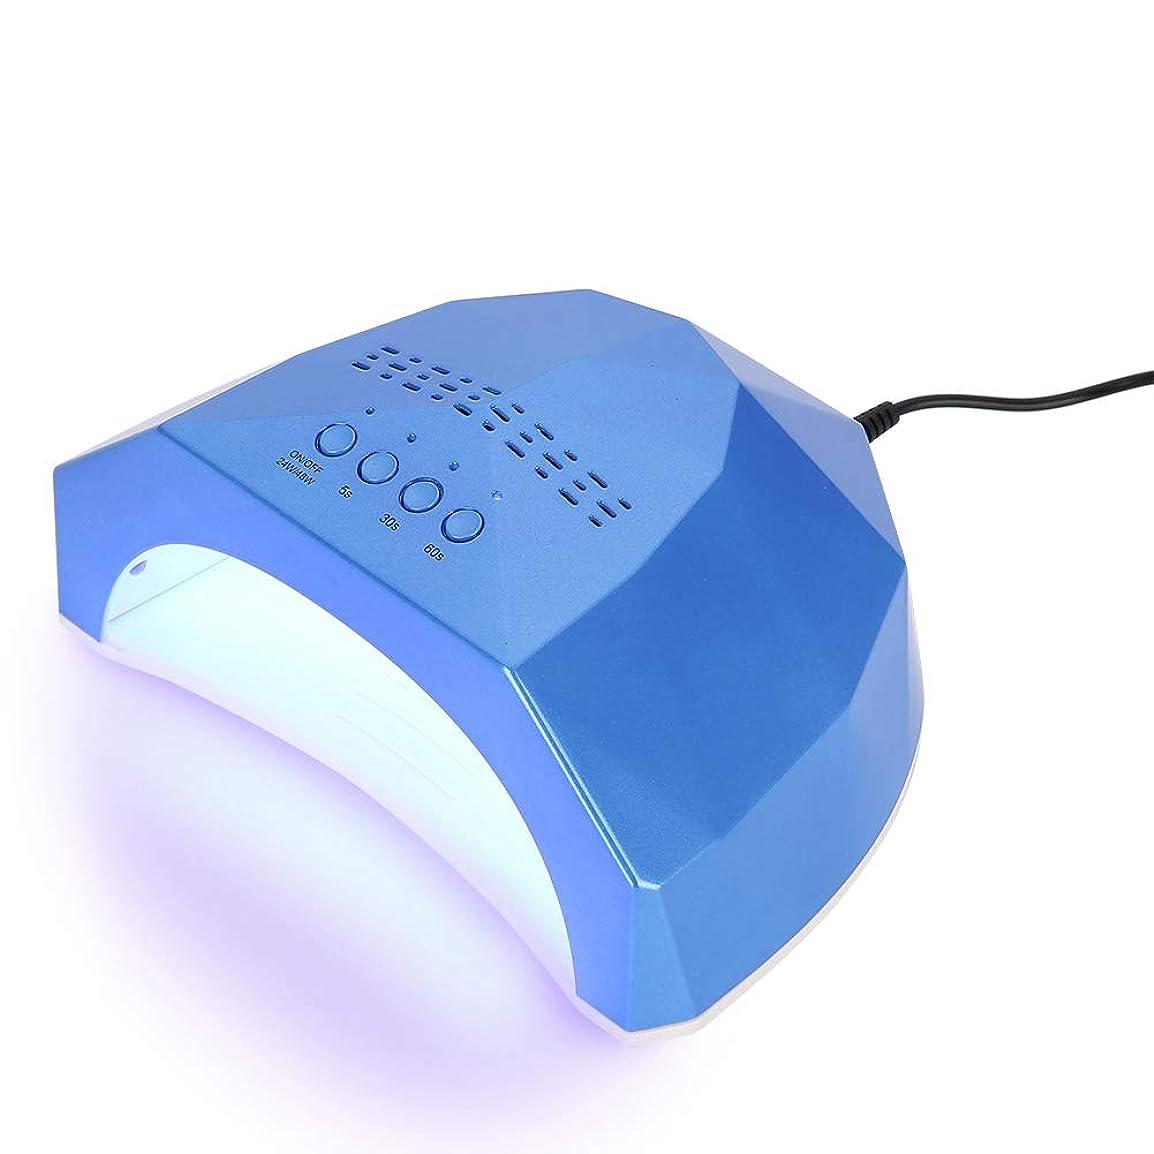 インシュレータ着る高揚した48W ネイルアートLEDランプ ネイルドライヤー LED釘ランプのドライヤーラン 硬化マニキュア (Blue)